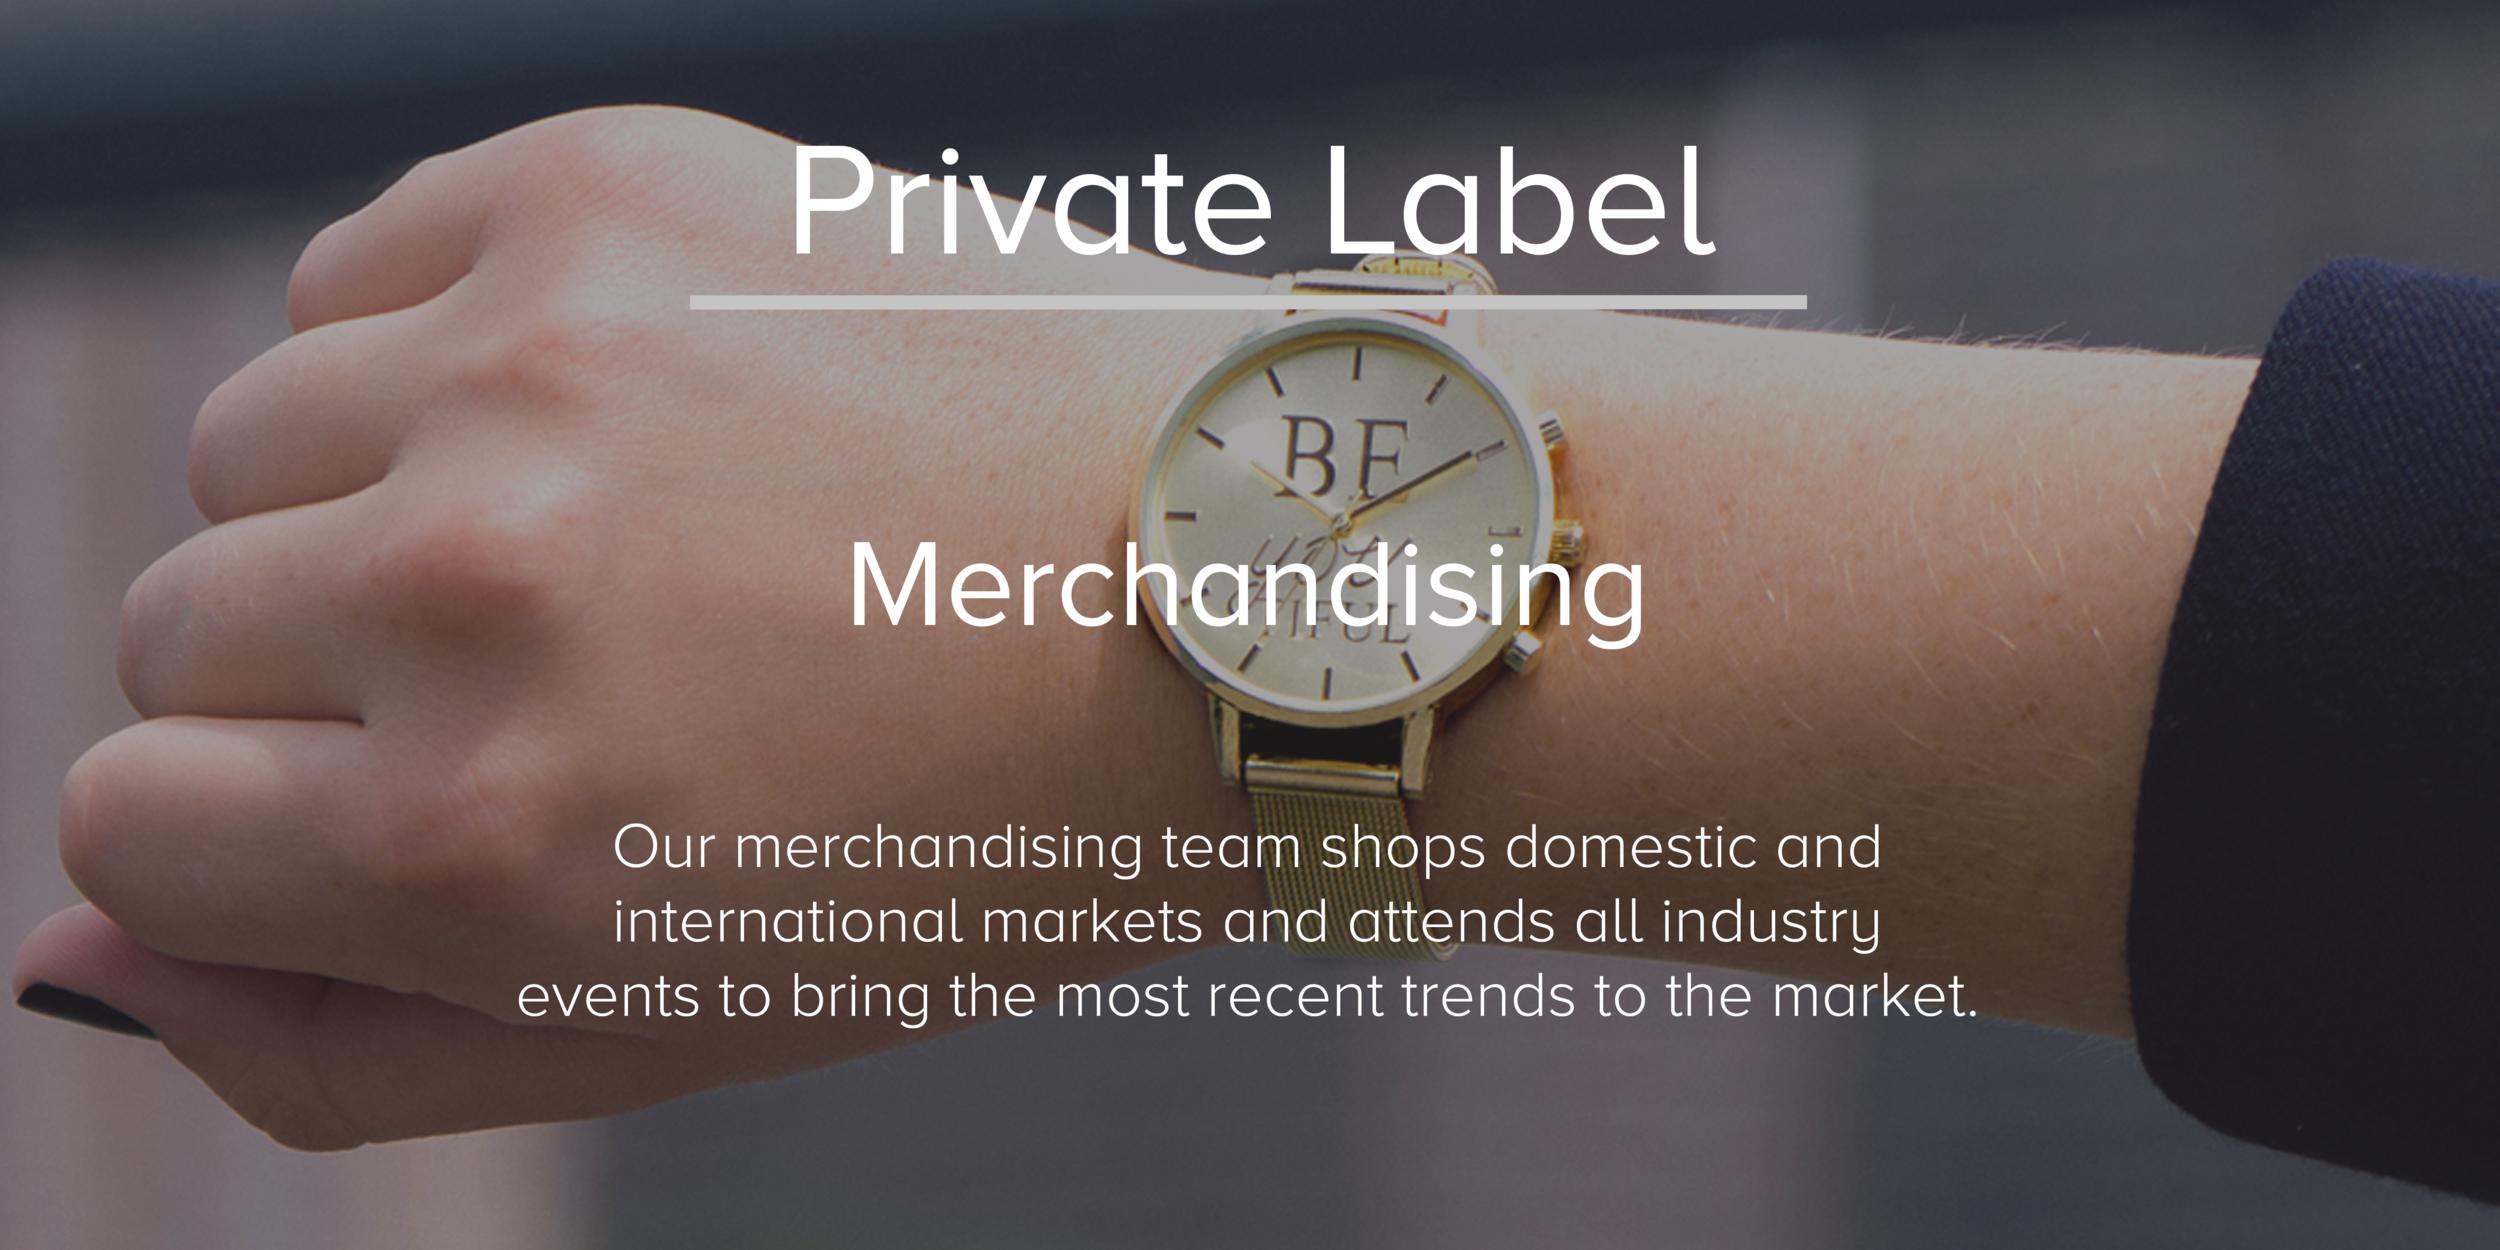 merchandising-pl.png